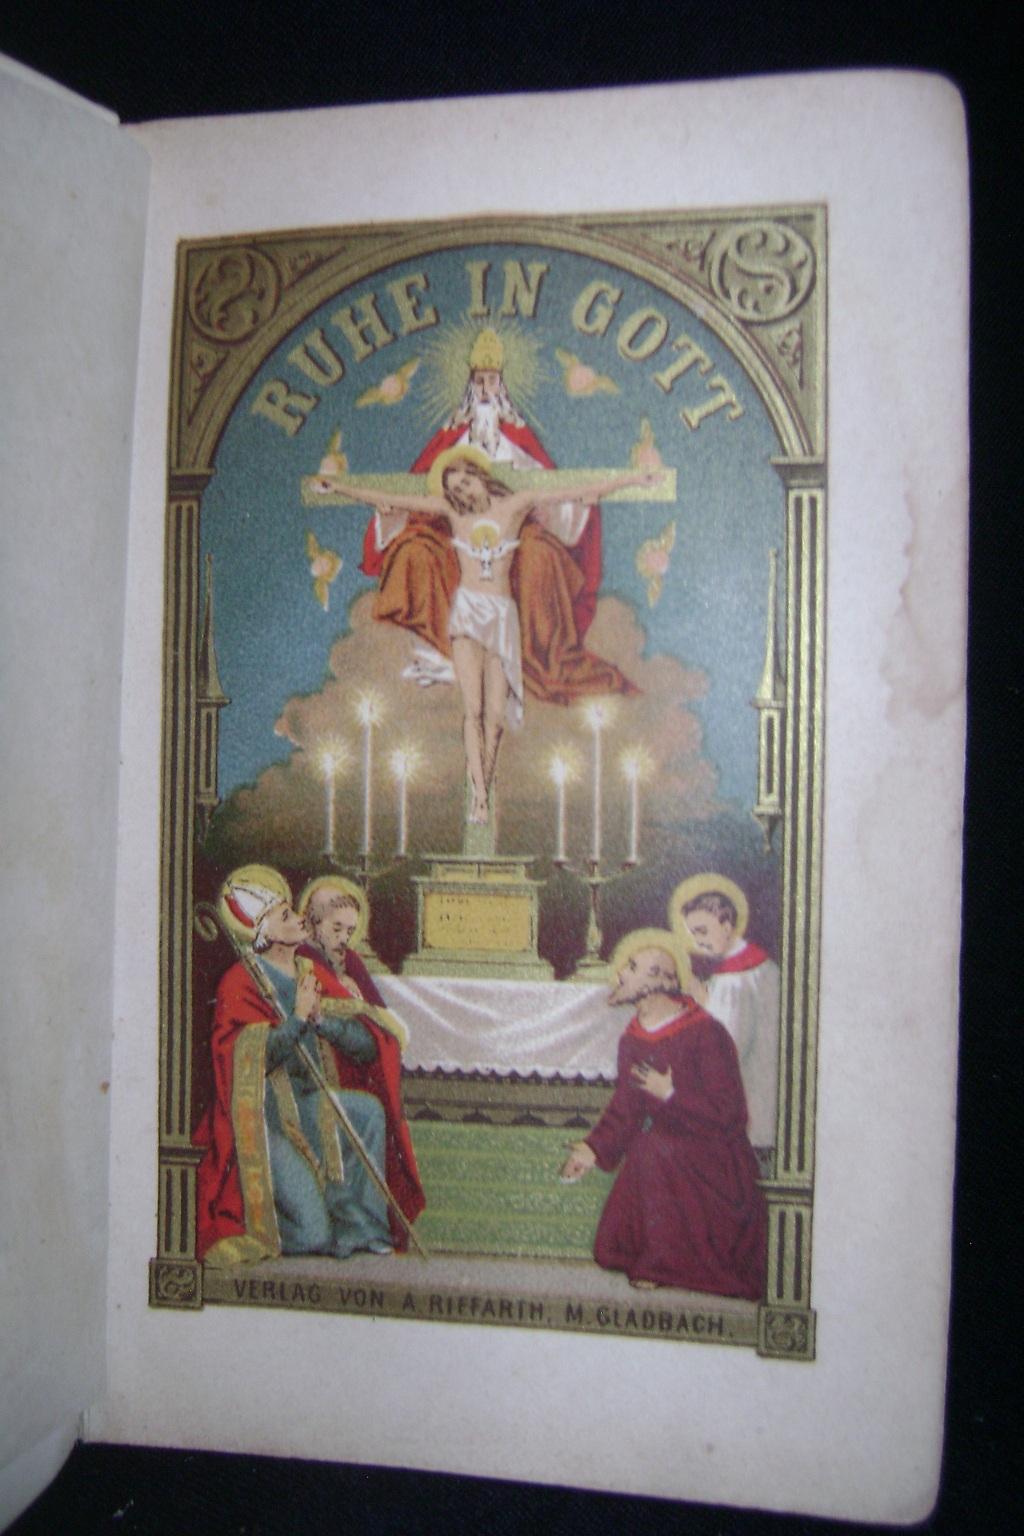 Knjiga_religija_Ruhe_in_gott_1879_2.JPG